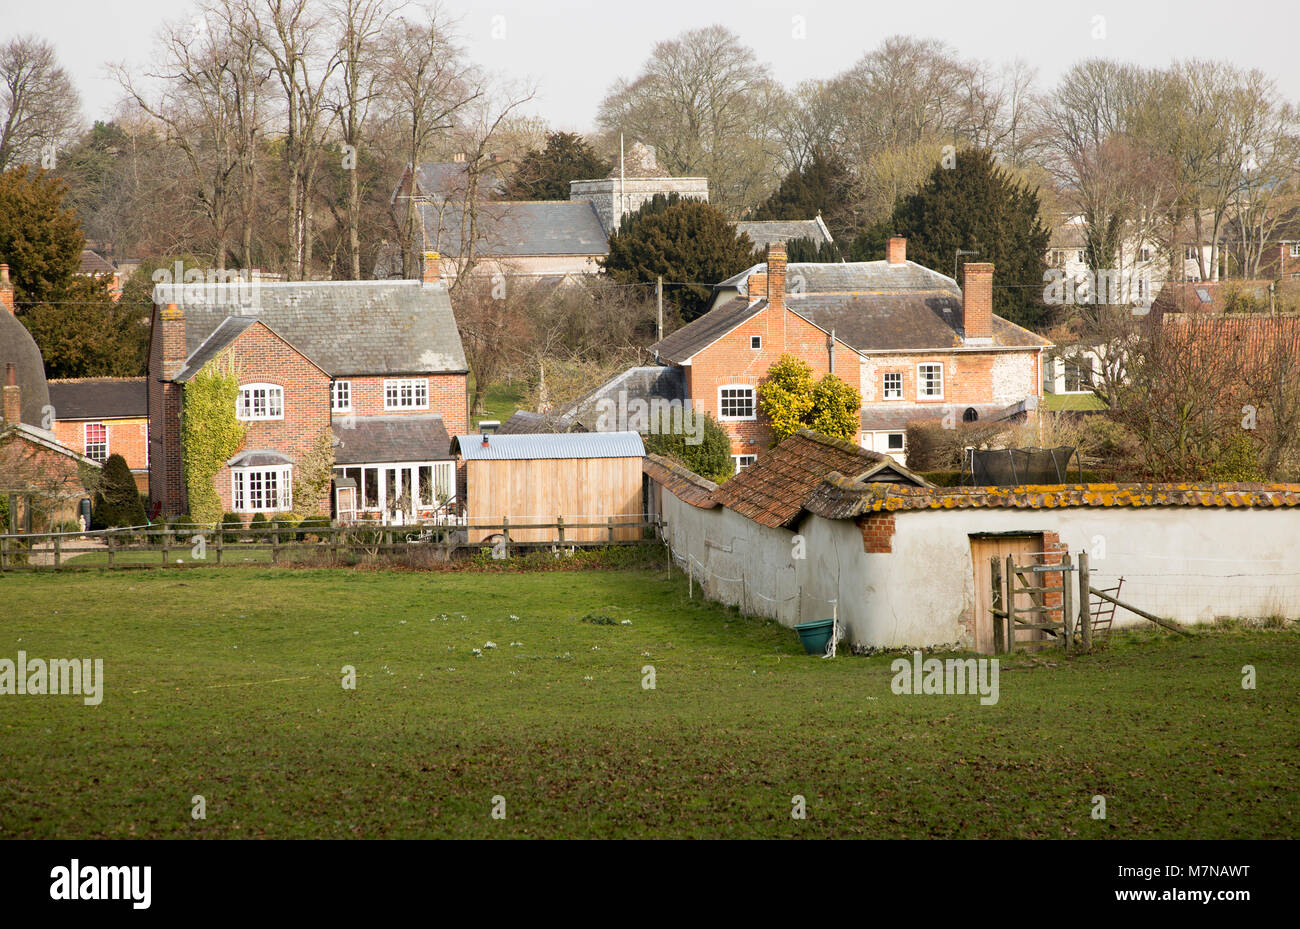 Buildings in valley floor of Tilshead village, Wiltshire, England, UK - Stock Image